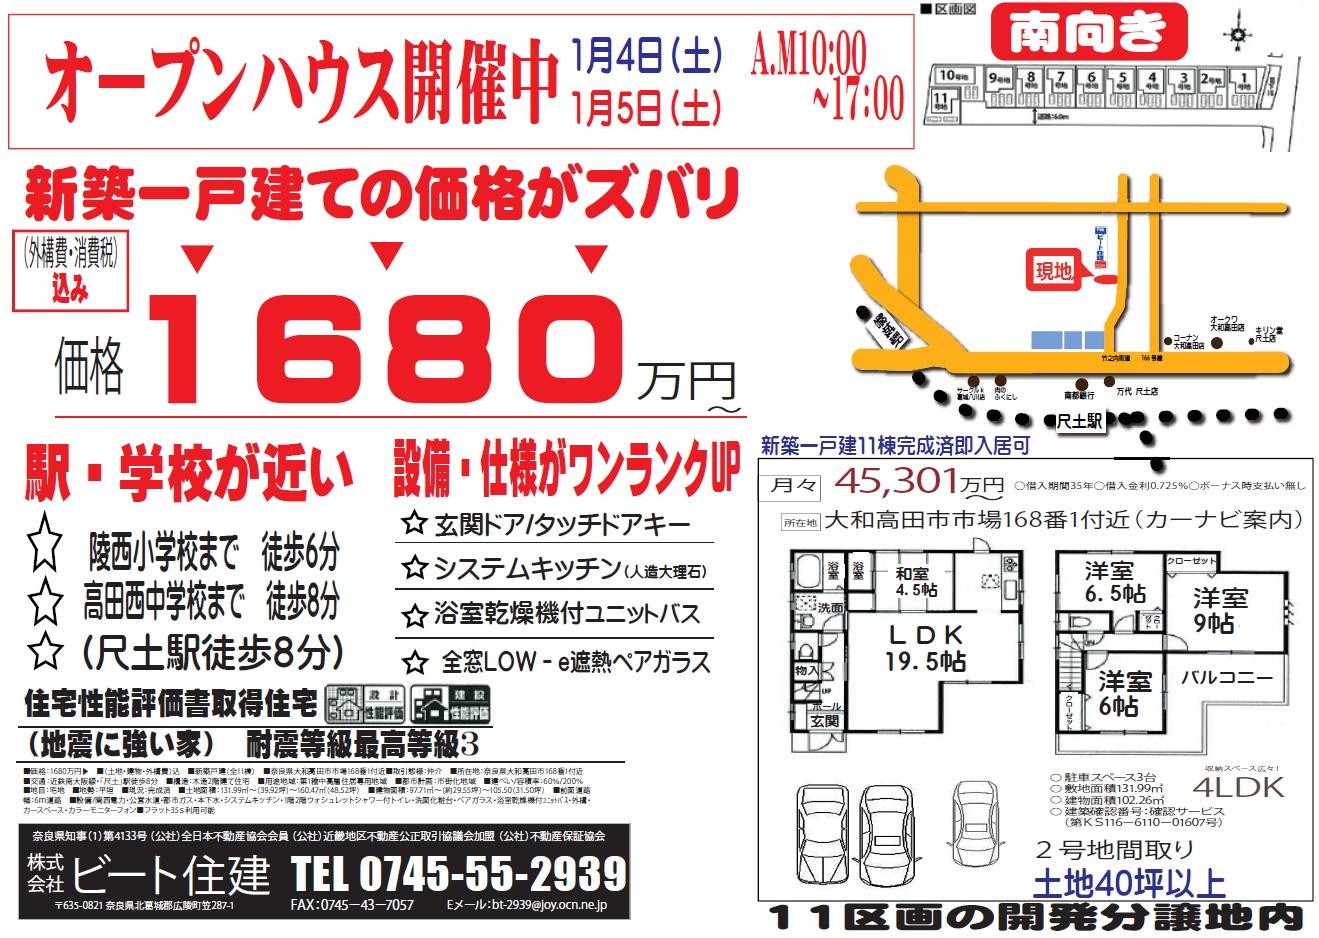 大和高田市 市場 新築一戸建て